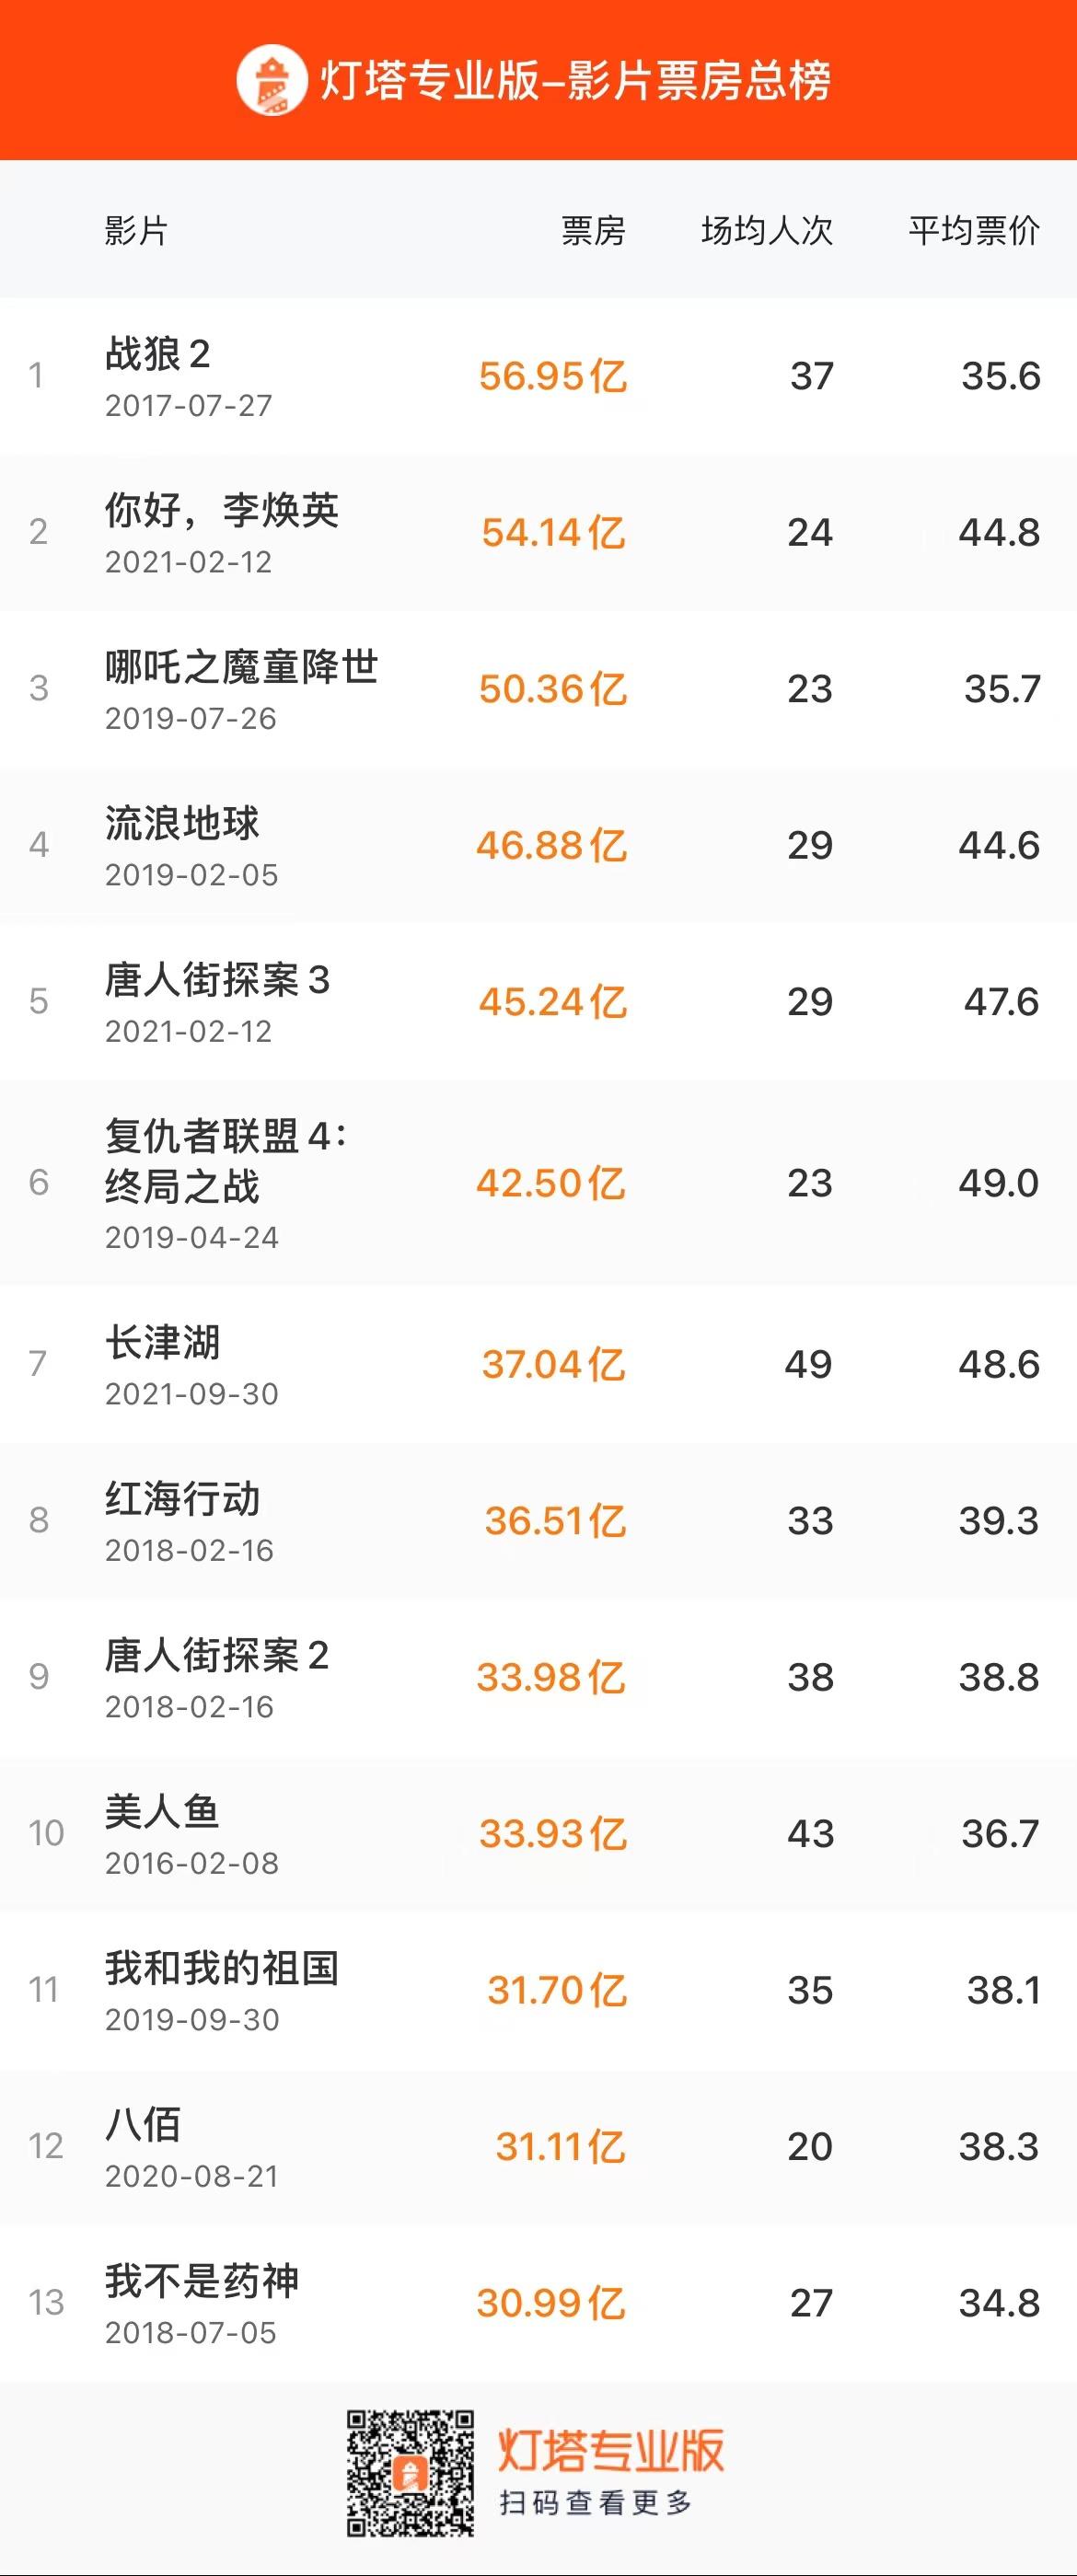 《长津湖》票房突破37亿,位列中国影史票房榜第7位